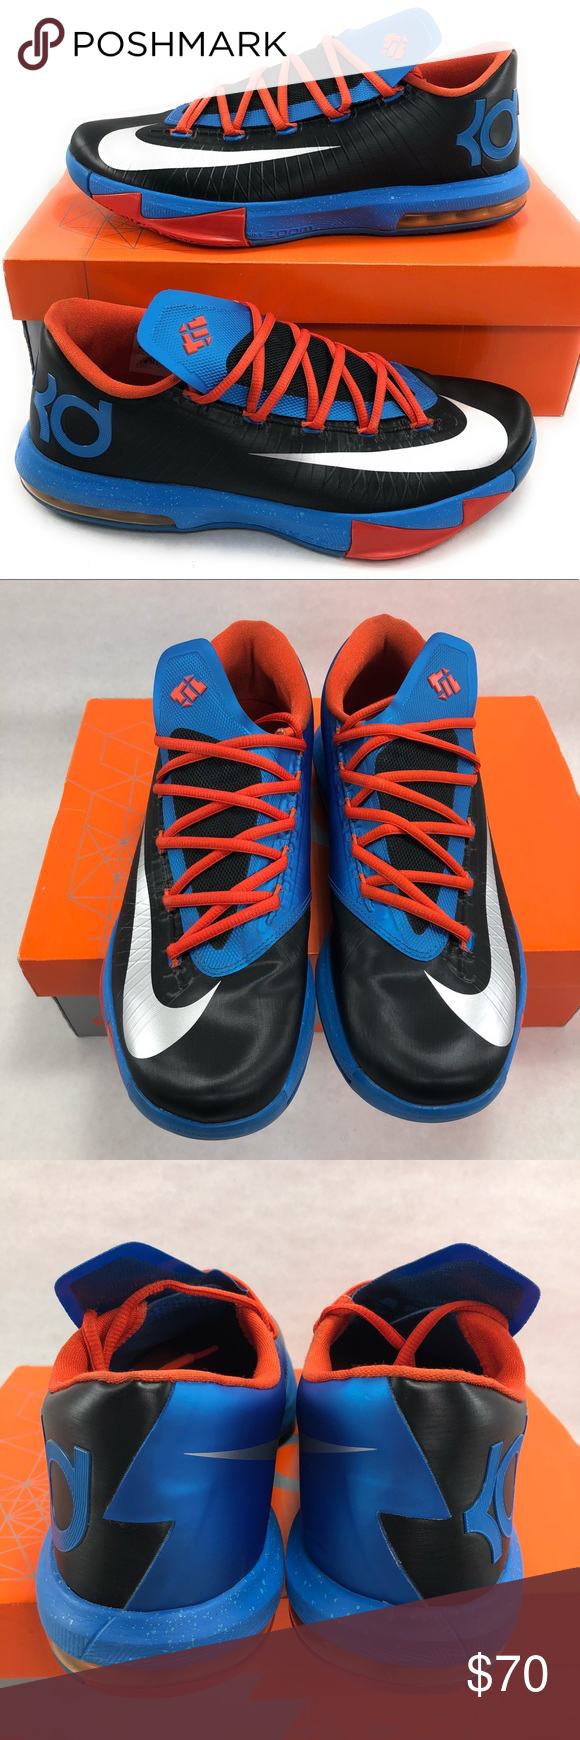 188153fc91c7 Nike KD 6 VI Thunder Away Kevin Durant 599424-004 Nike KD 6 VI Mens Size 10  Thunder Away Black Blue Orange Kevin Durant 599424-004.